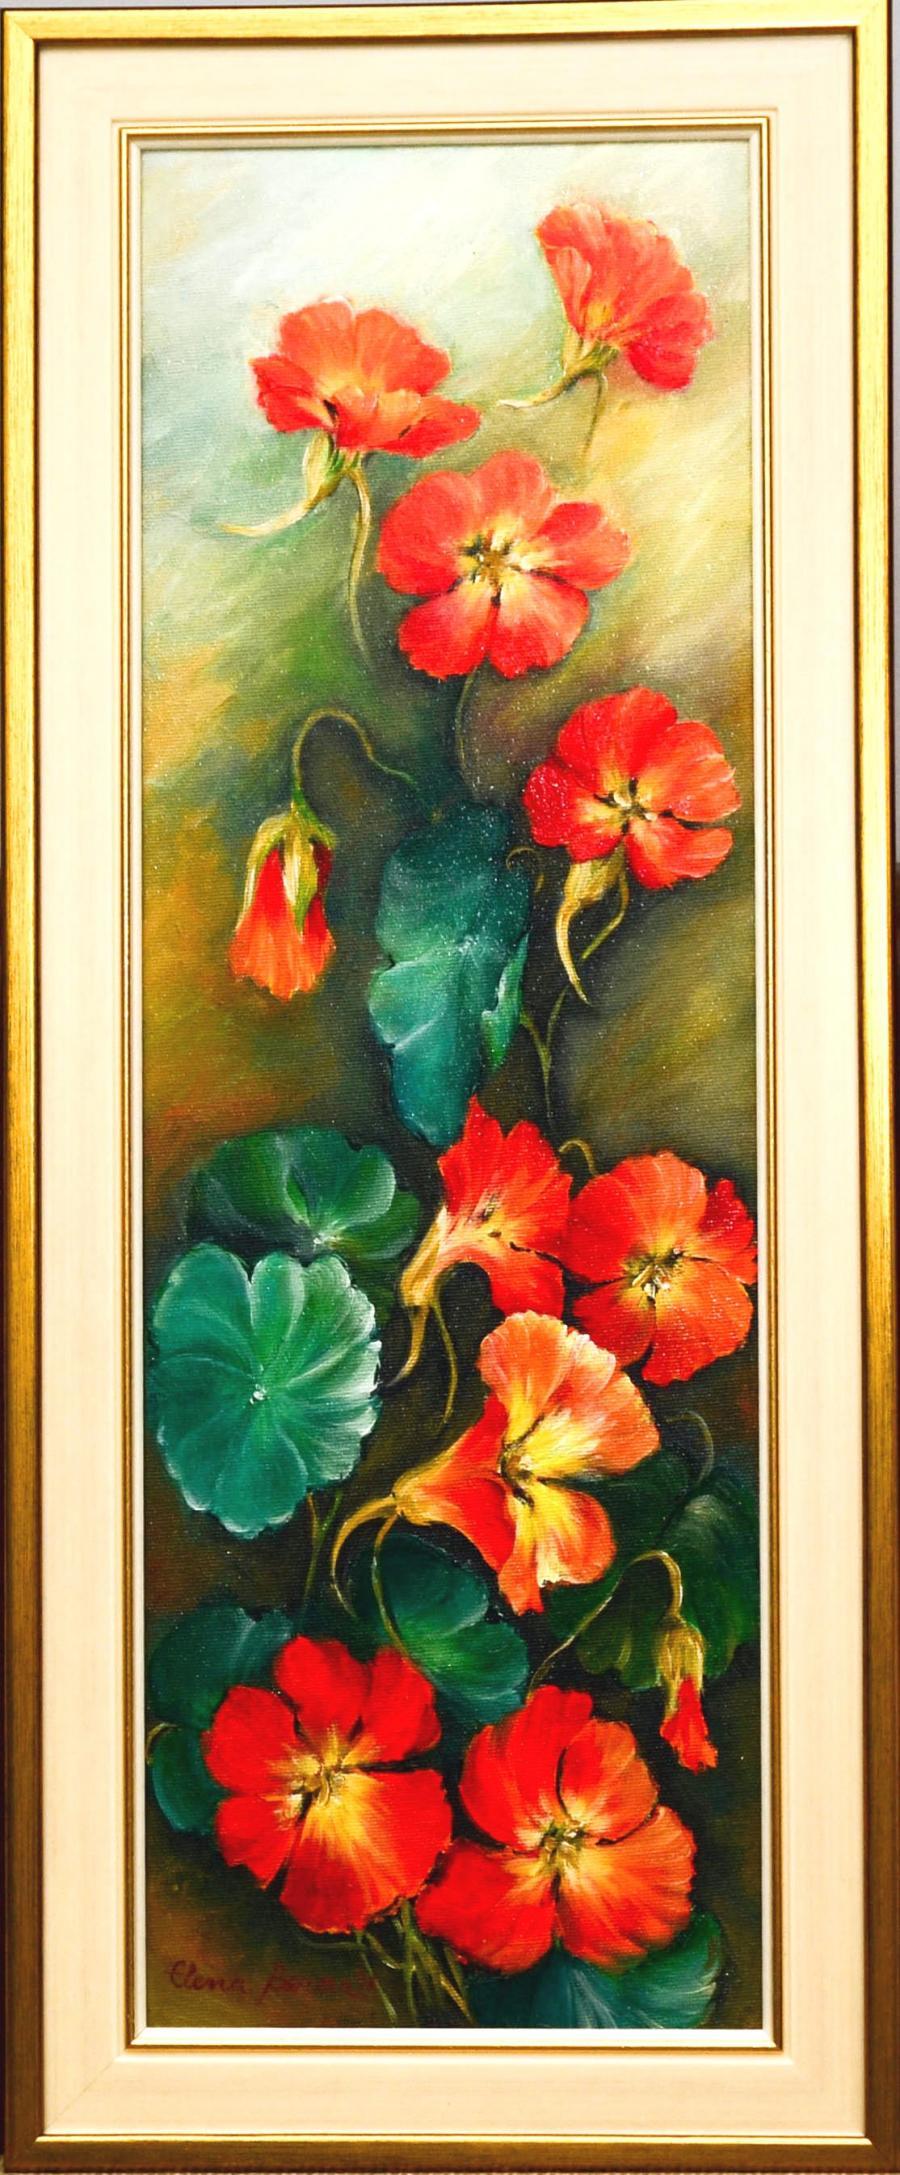 Picturi cu flori Condurasi rosii